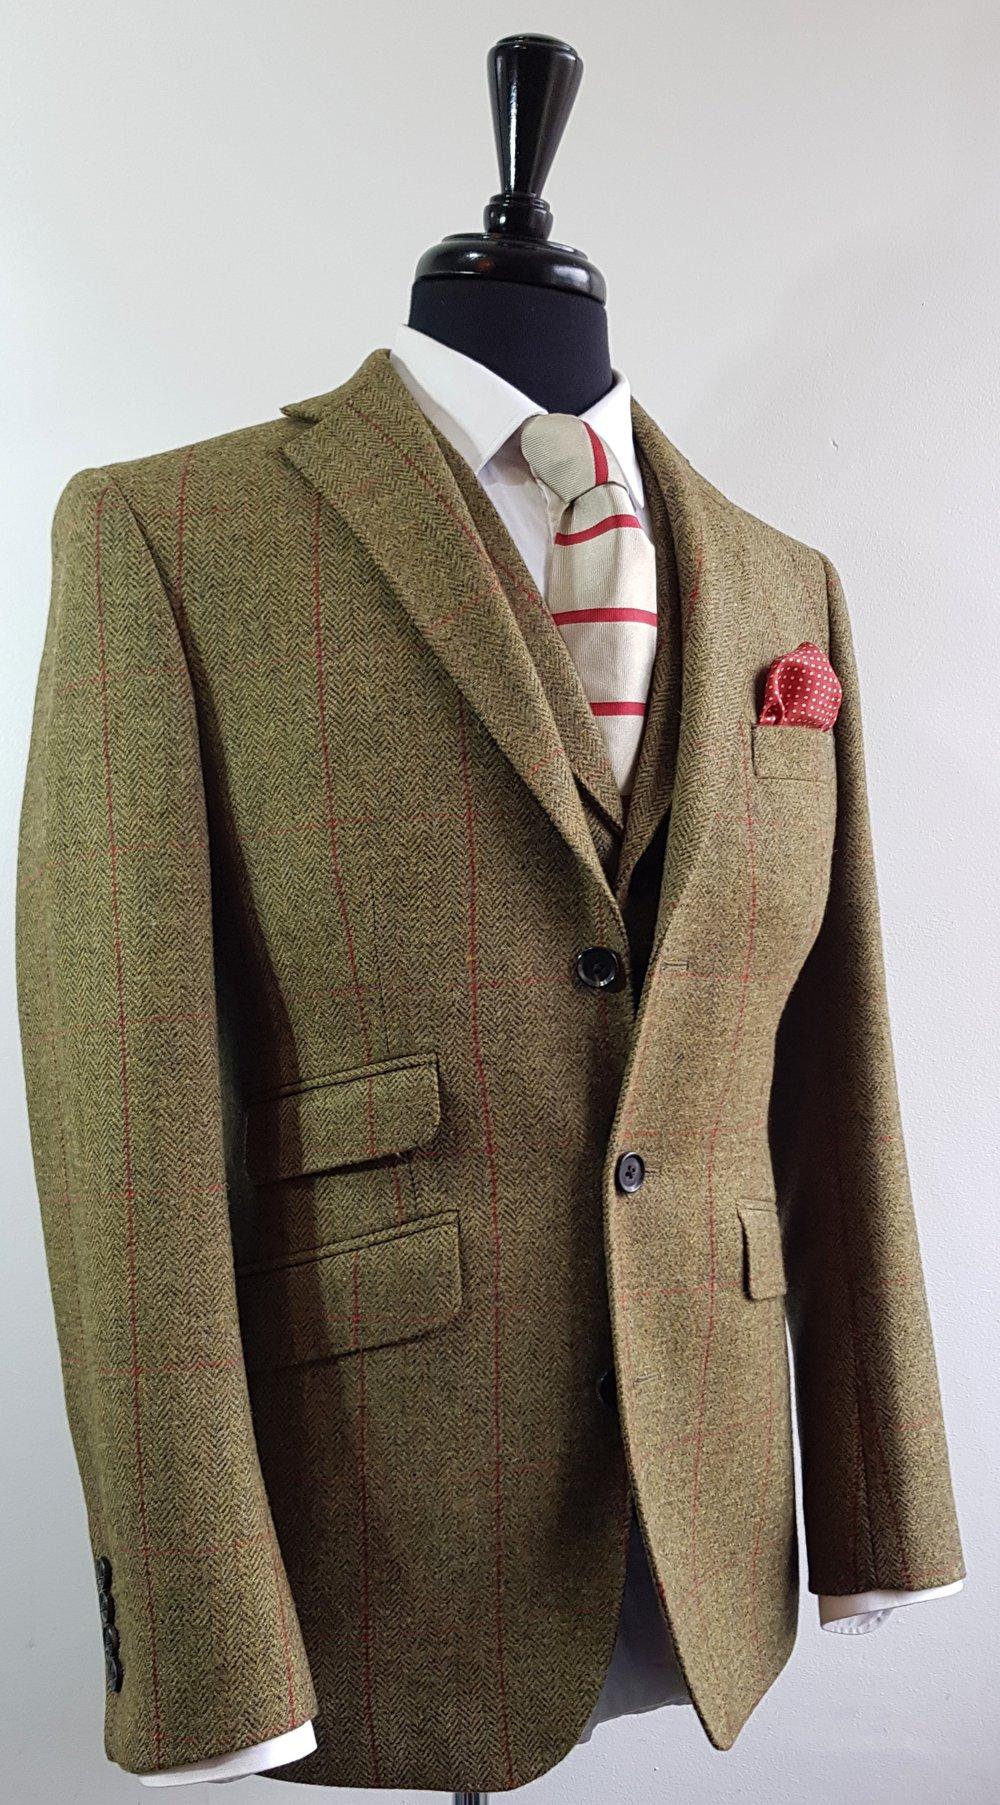 Tweed Jacket and Tweed Waistcoat (10).jpg